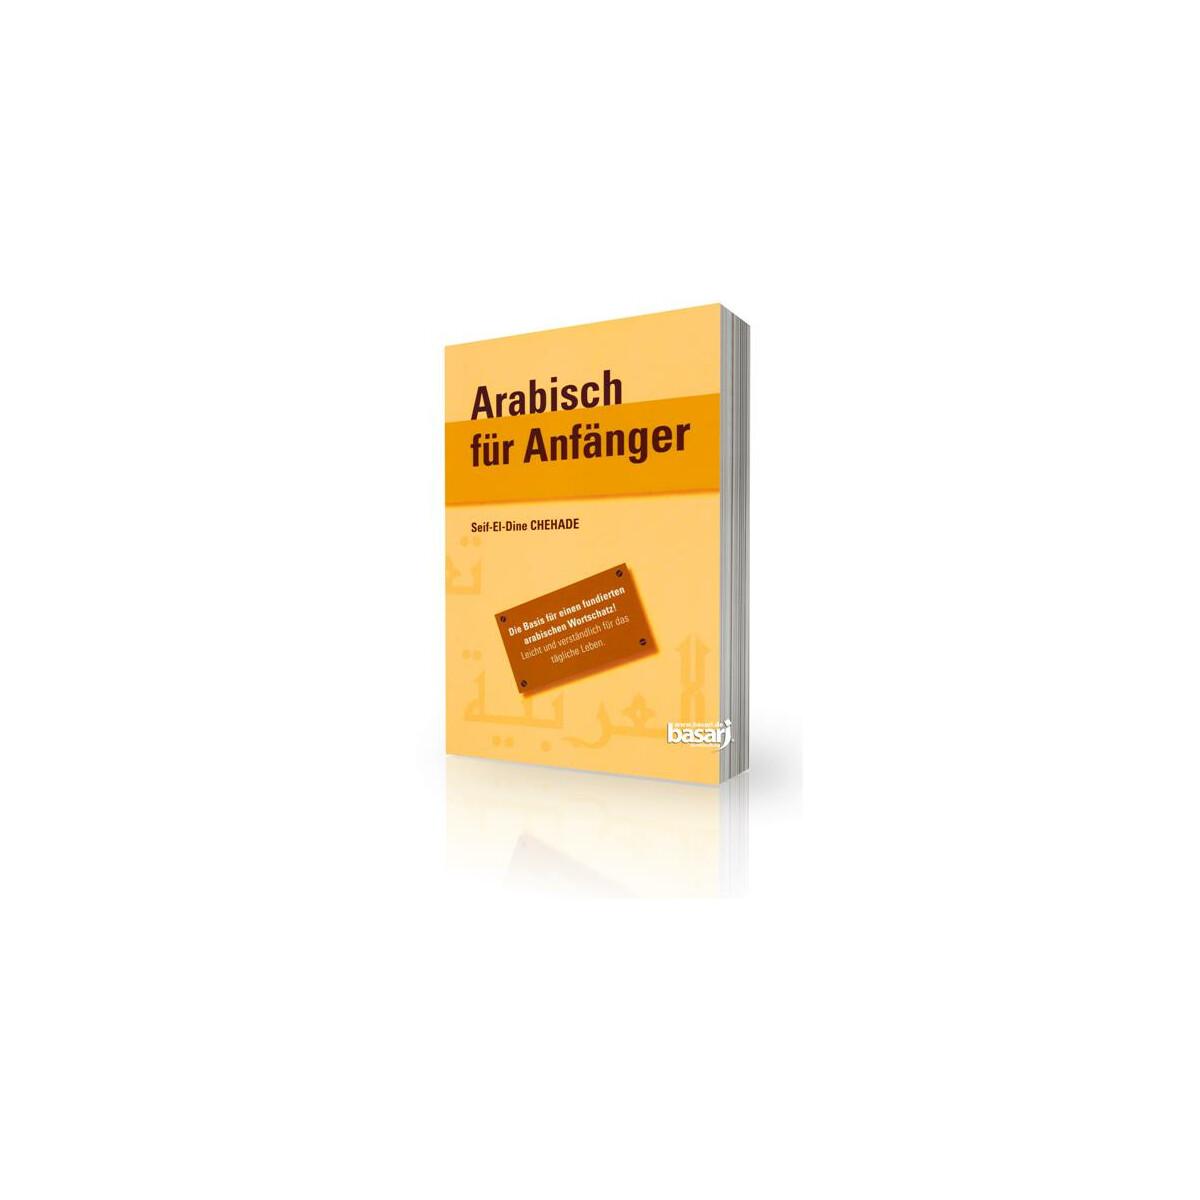 arabisch f r anf nger 16 00. Black Bedroom Furniture Sets. Home Design Ideas